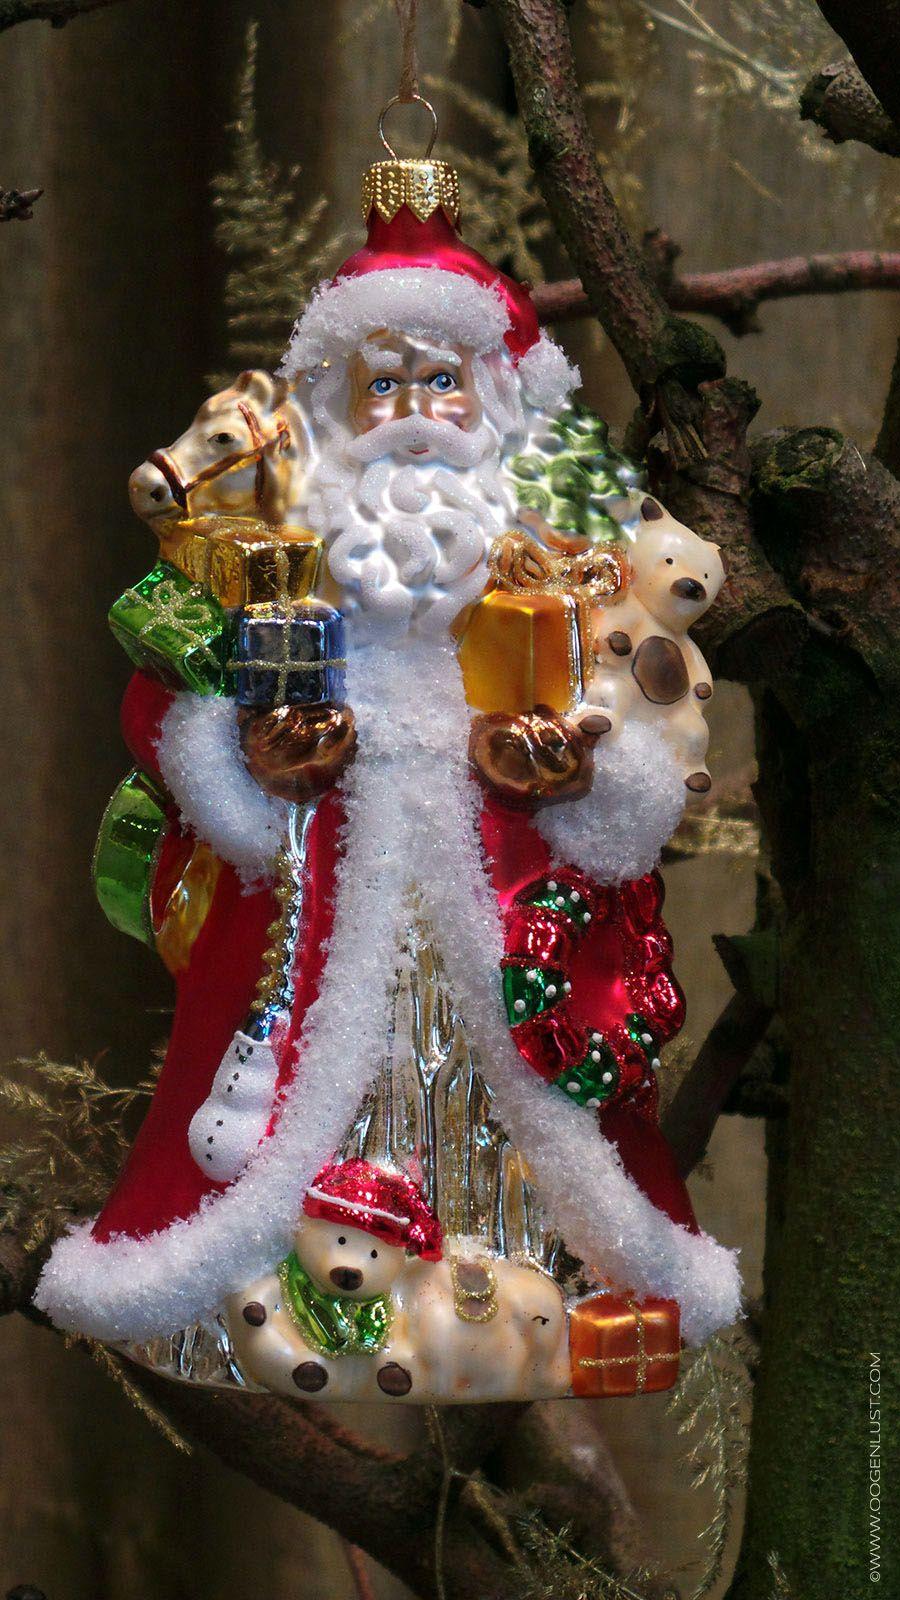 Mondgeblazen en handgeschilderde Kerstman, gemaakt volgens oude technieken in Polen